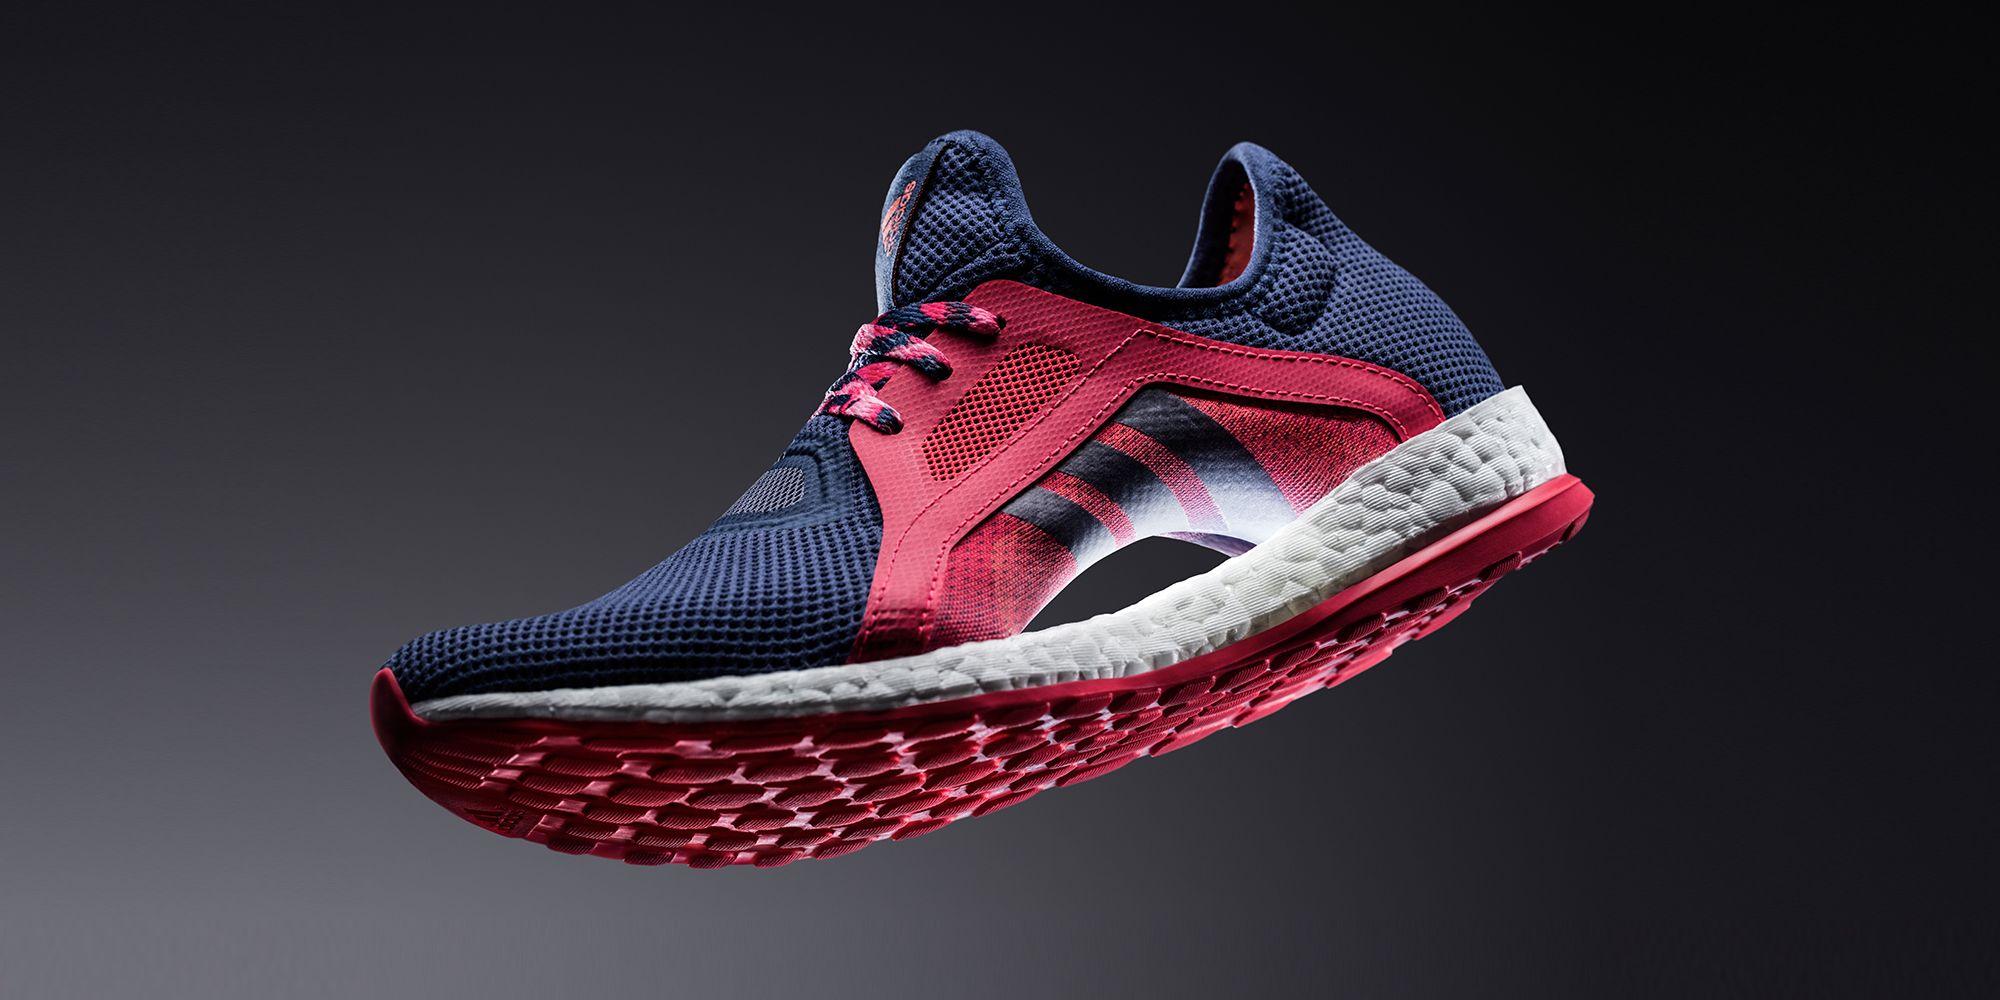 10c8d8e165cf 2018 Adidas PureBOOST X - New Women s Adidas Running Shoe Review